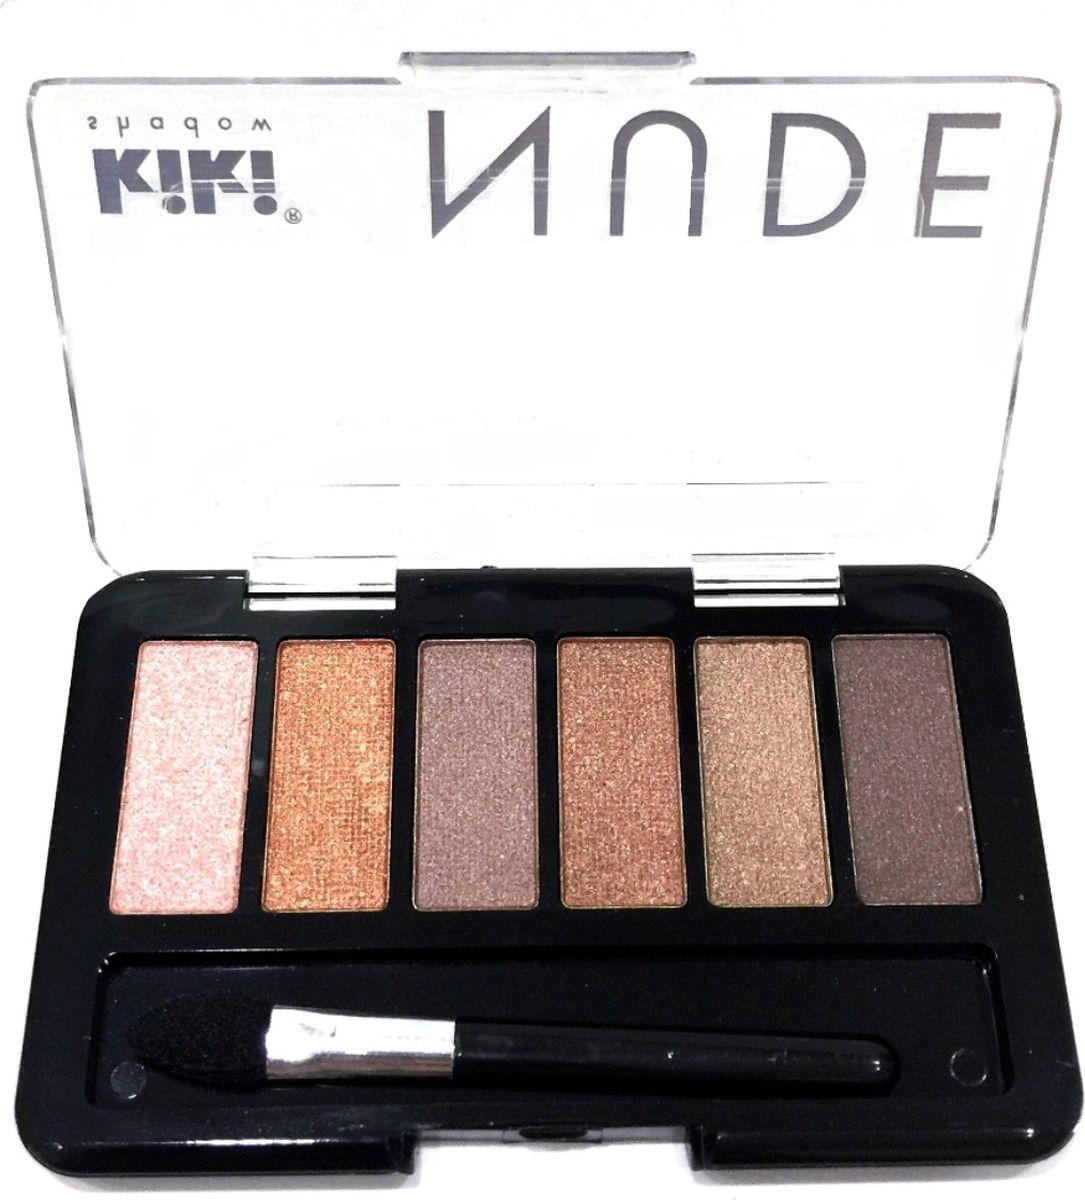 Kiki Тени для век shadow Nude 902, 2.76 гр118400000Шесть идеально подобранных оттенков в нюдовых тонах не оставят вас равнодушными. Тени обладают нежной, хорошо поддающейся растушевке текстурой. Благодаря удобному аппликатору макияж можно создавать буквально на ходу.